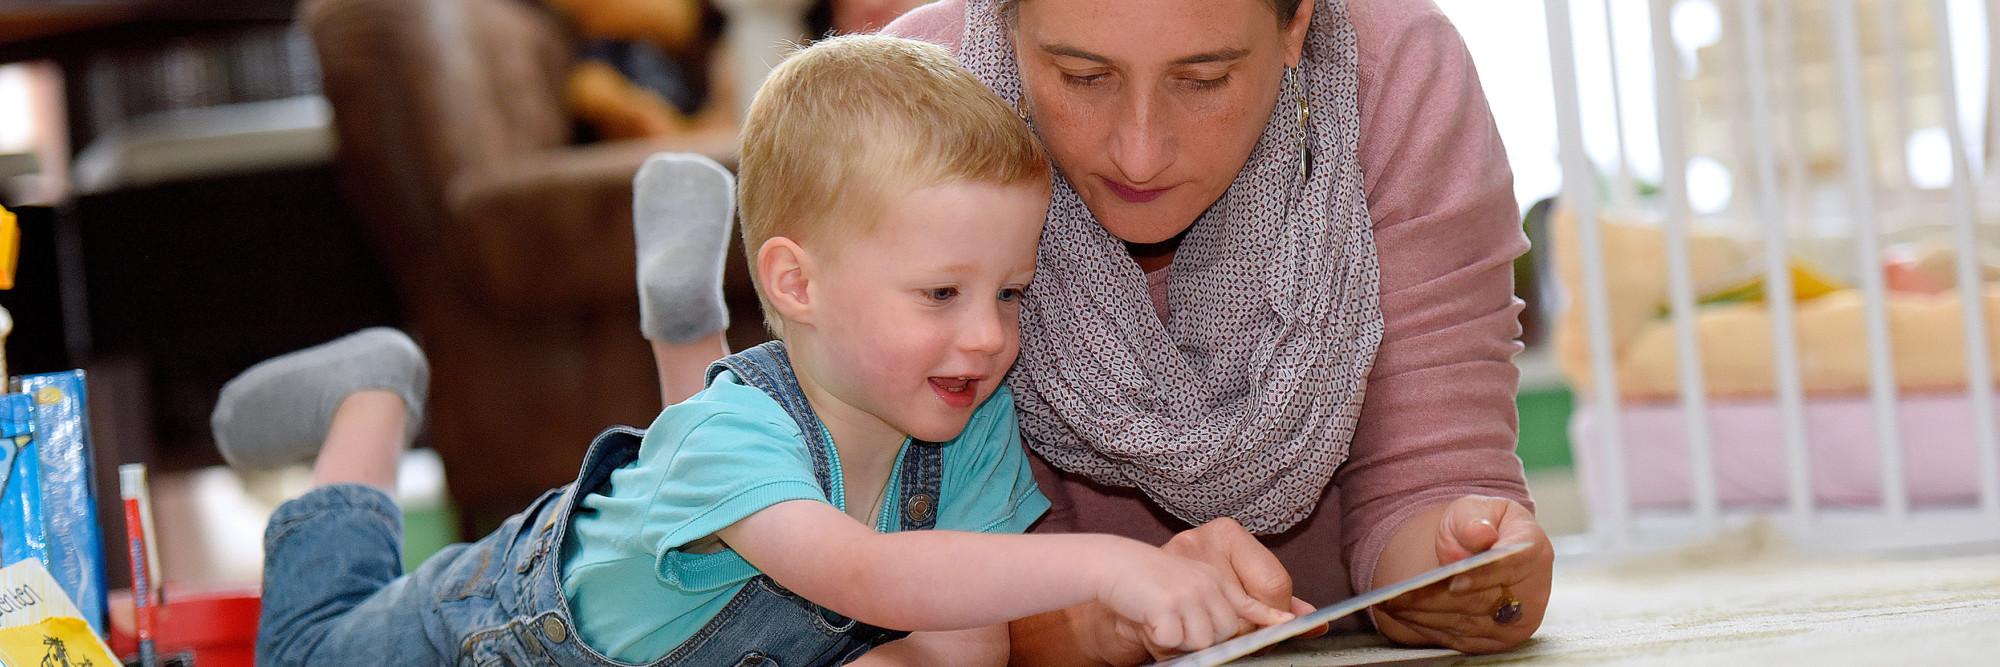 Anton Lorenzen mit seiner Mutter Liane Lorenzen. Anton kam als Frühchen zur Welt und hat sich dank perfekter Betreuung ganz normal entwickelt.